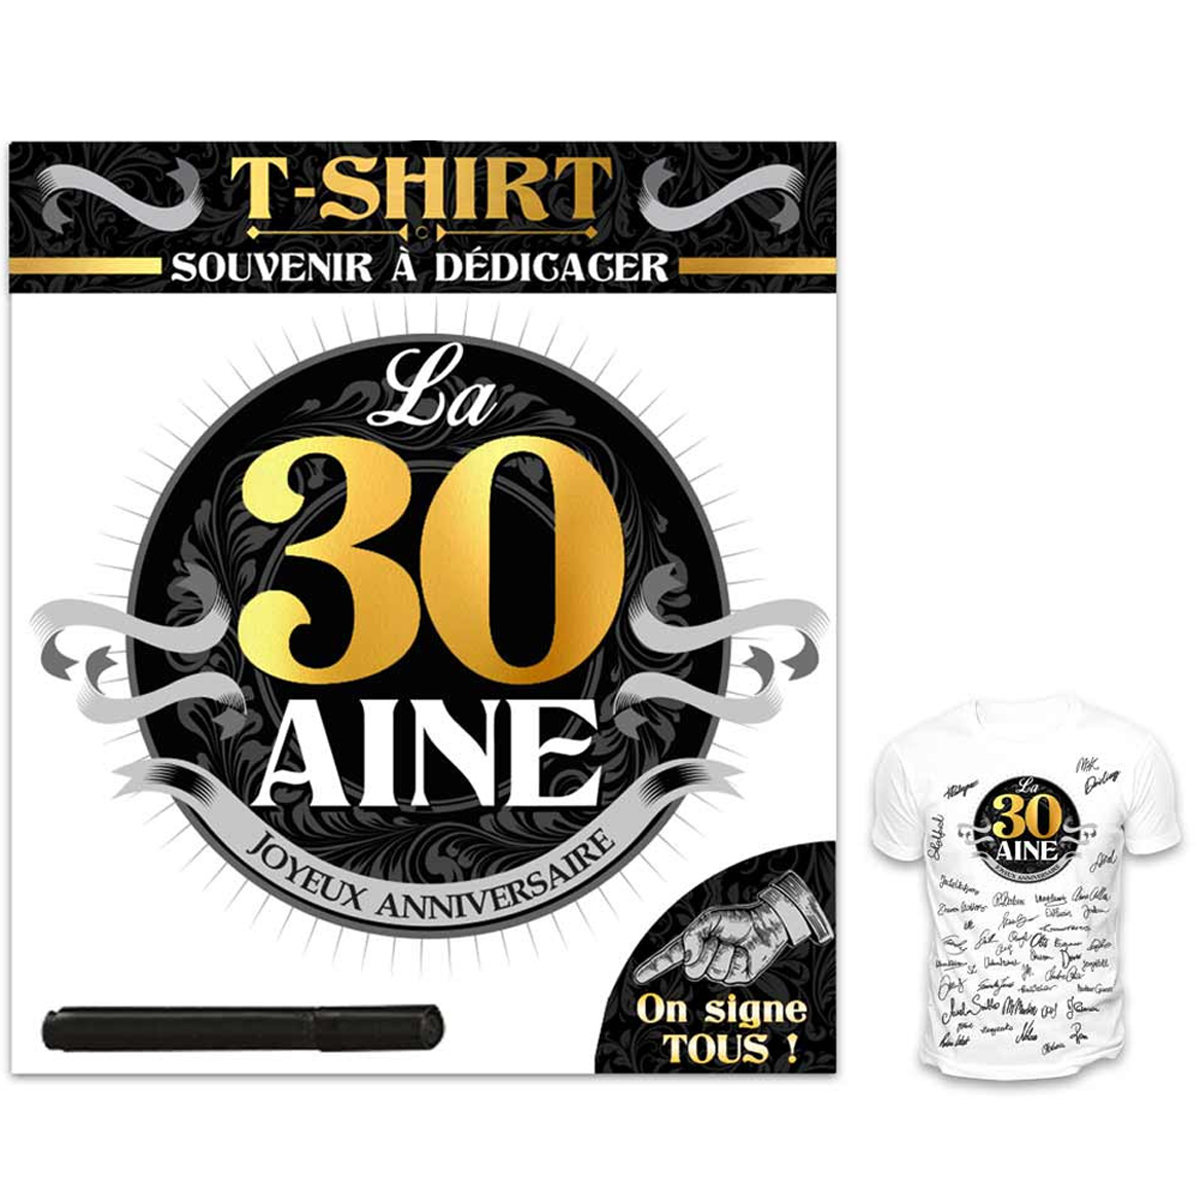 T-shirt \'30 aine\' noir blanc - (dédicace) - [R1423]